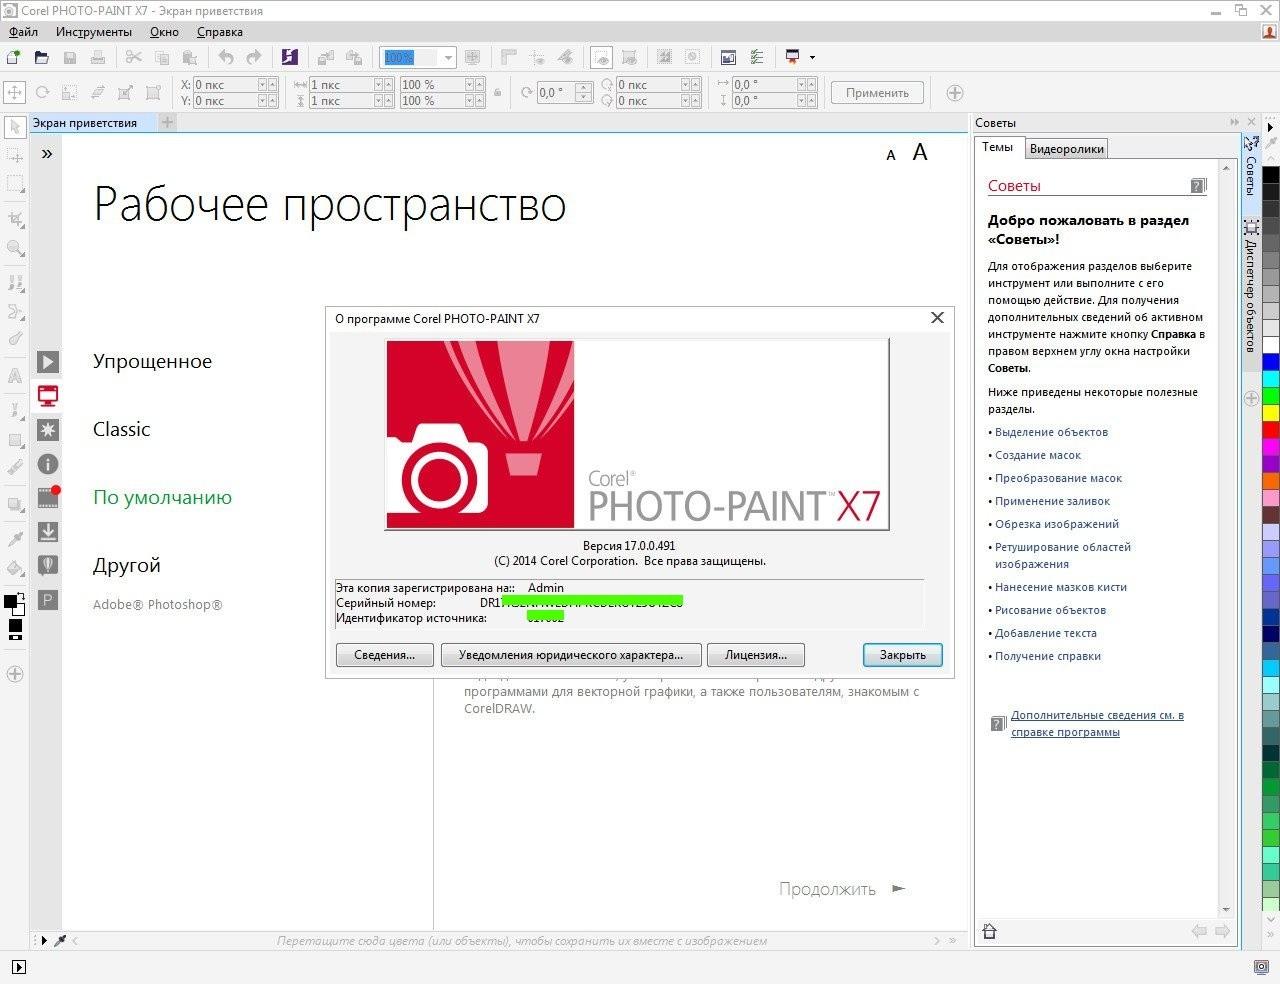 Программу bandicam на русском языке через